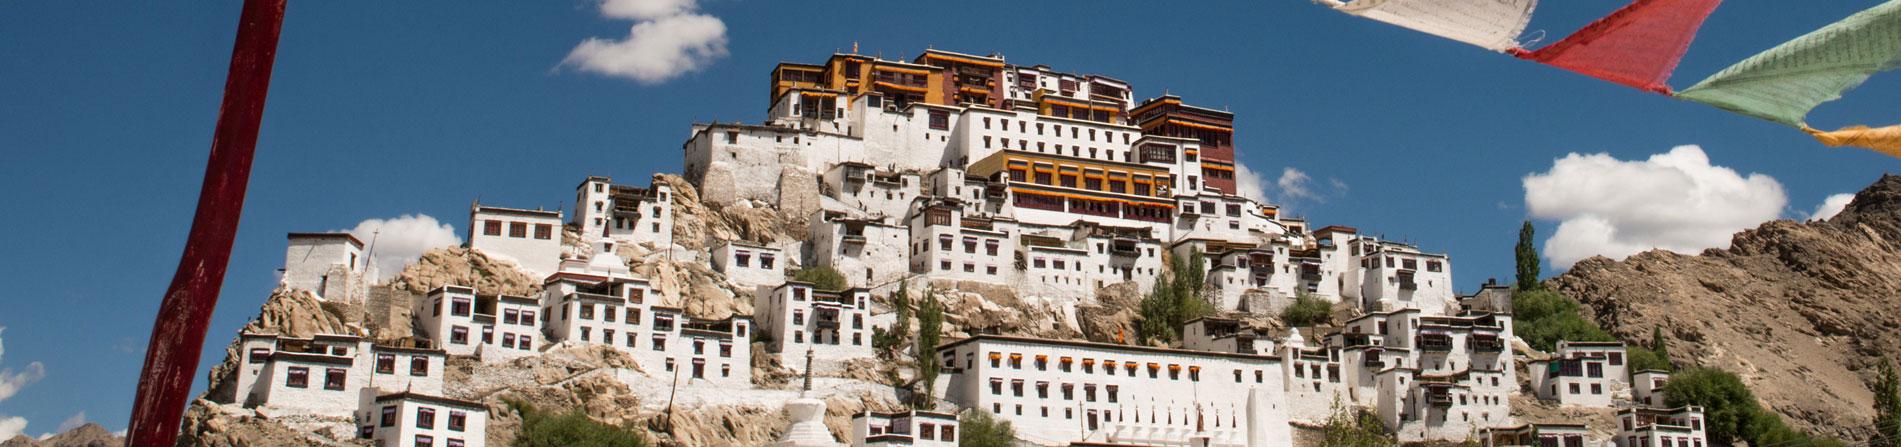 Himalaya – Gipfel, Götter, Glücksmomente 05